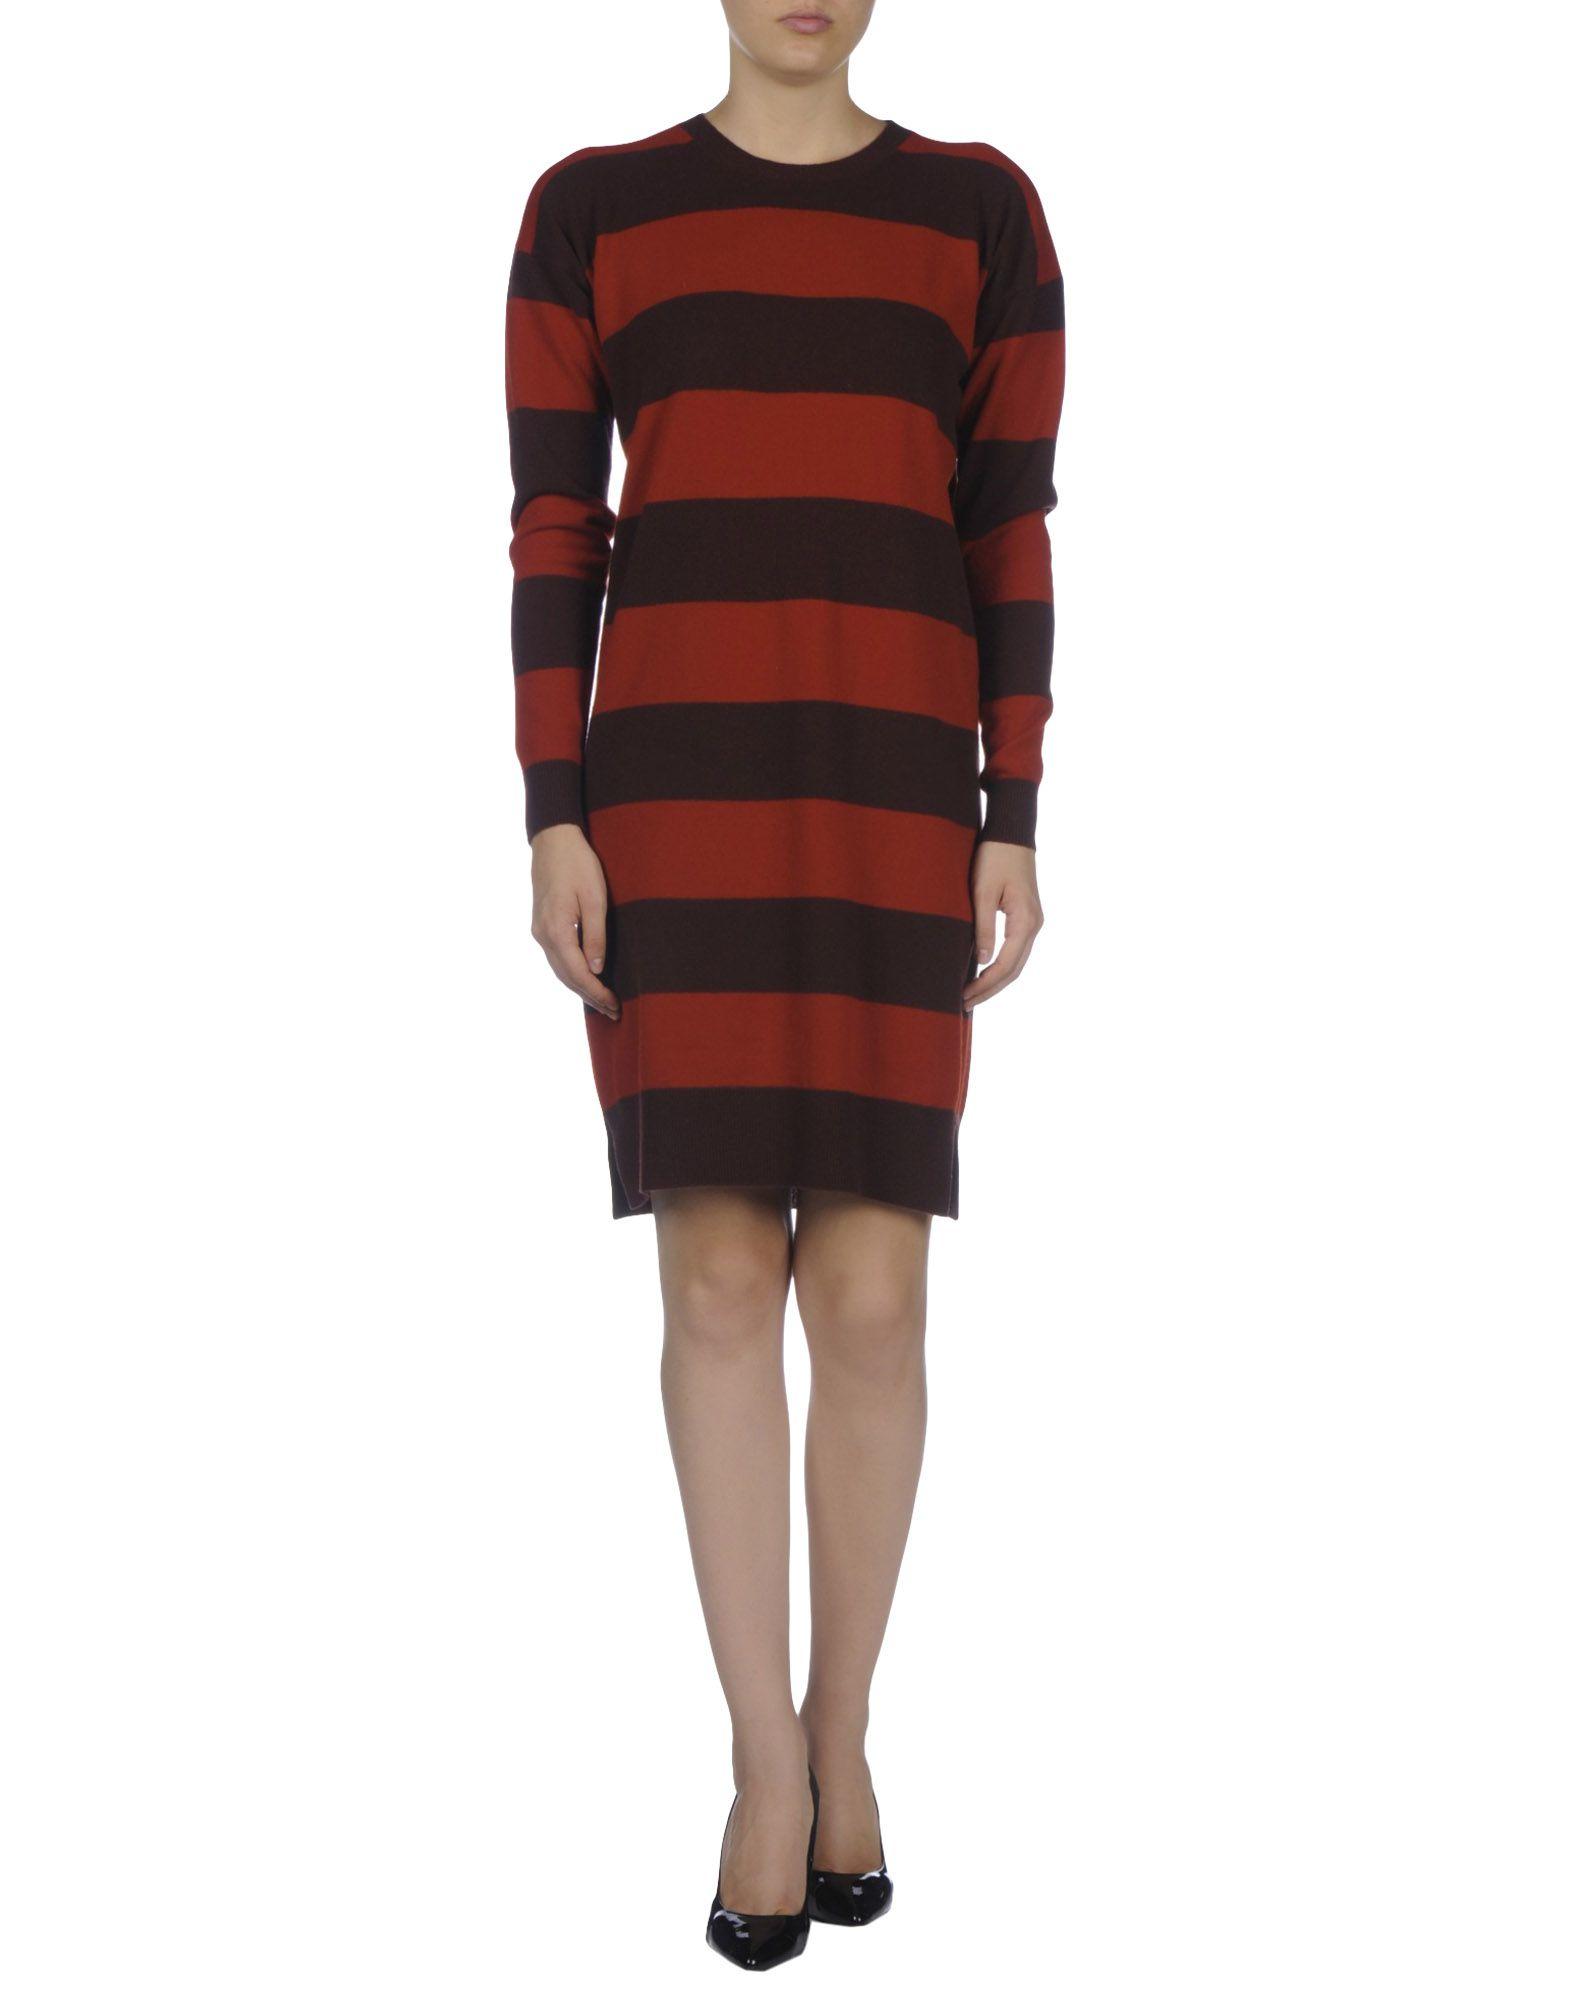 2fdc9ab6249 STELLA MCCARTNEY Silk Angela Leopard Red Dress - We Select Dresses Stella  mccartney Short Dress in Red